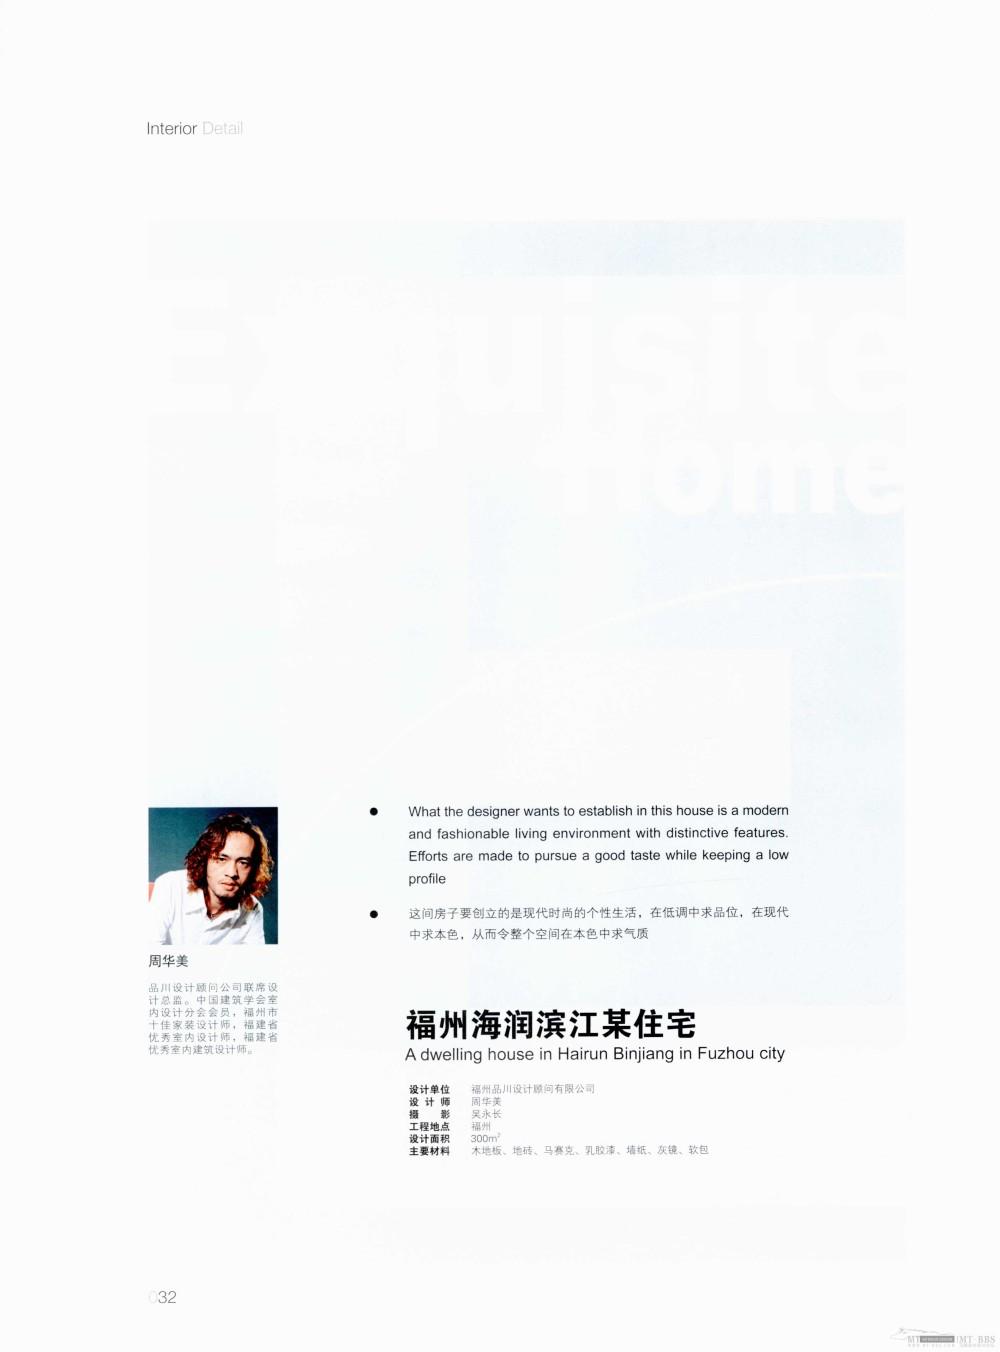 17本家装图册,已传完。_4 细部-个性家居_页面_027.jpg